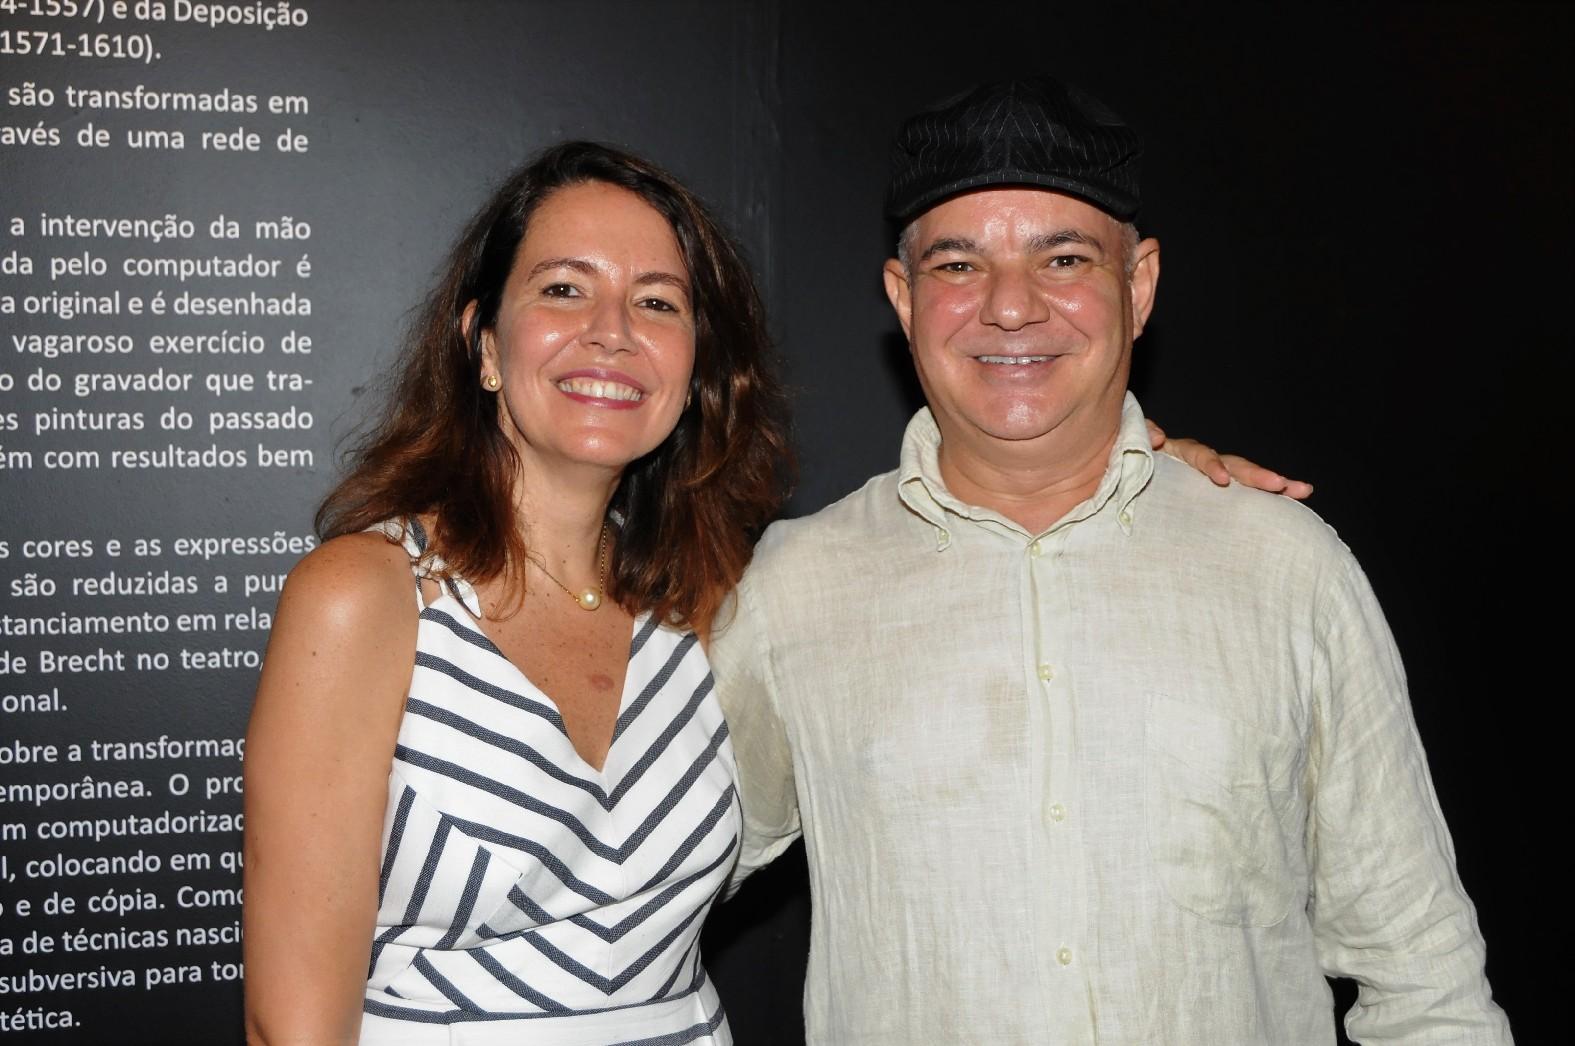 Renata Martins e Michelangelo Rossi (1)